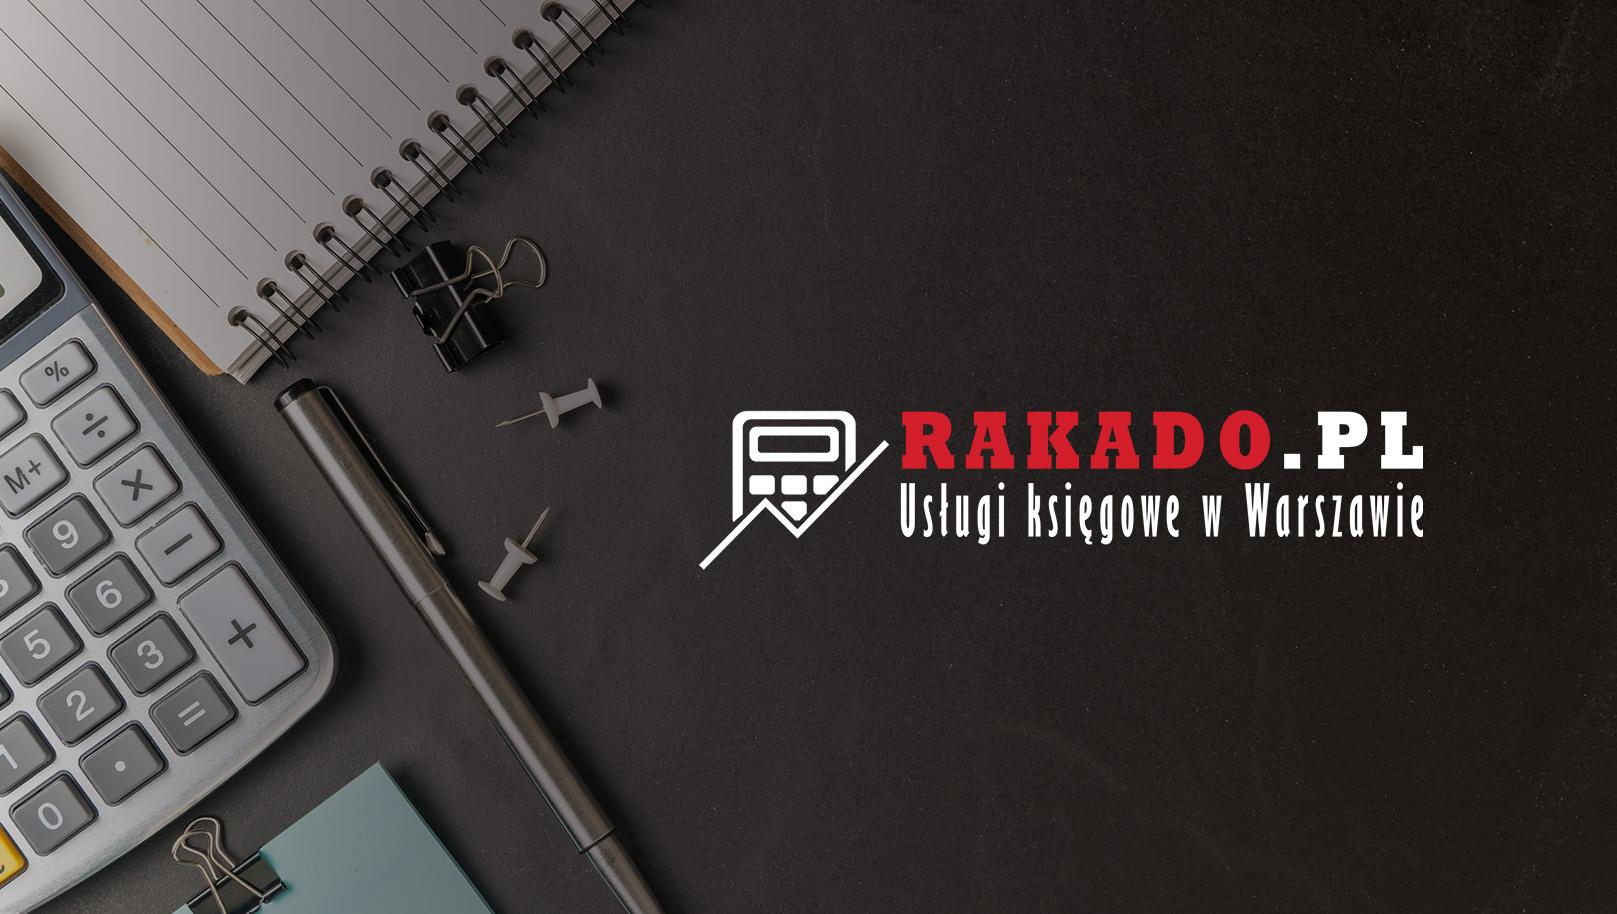 Strona www dla biura księgowego w Warszawie